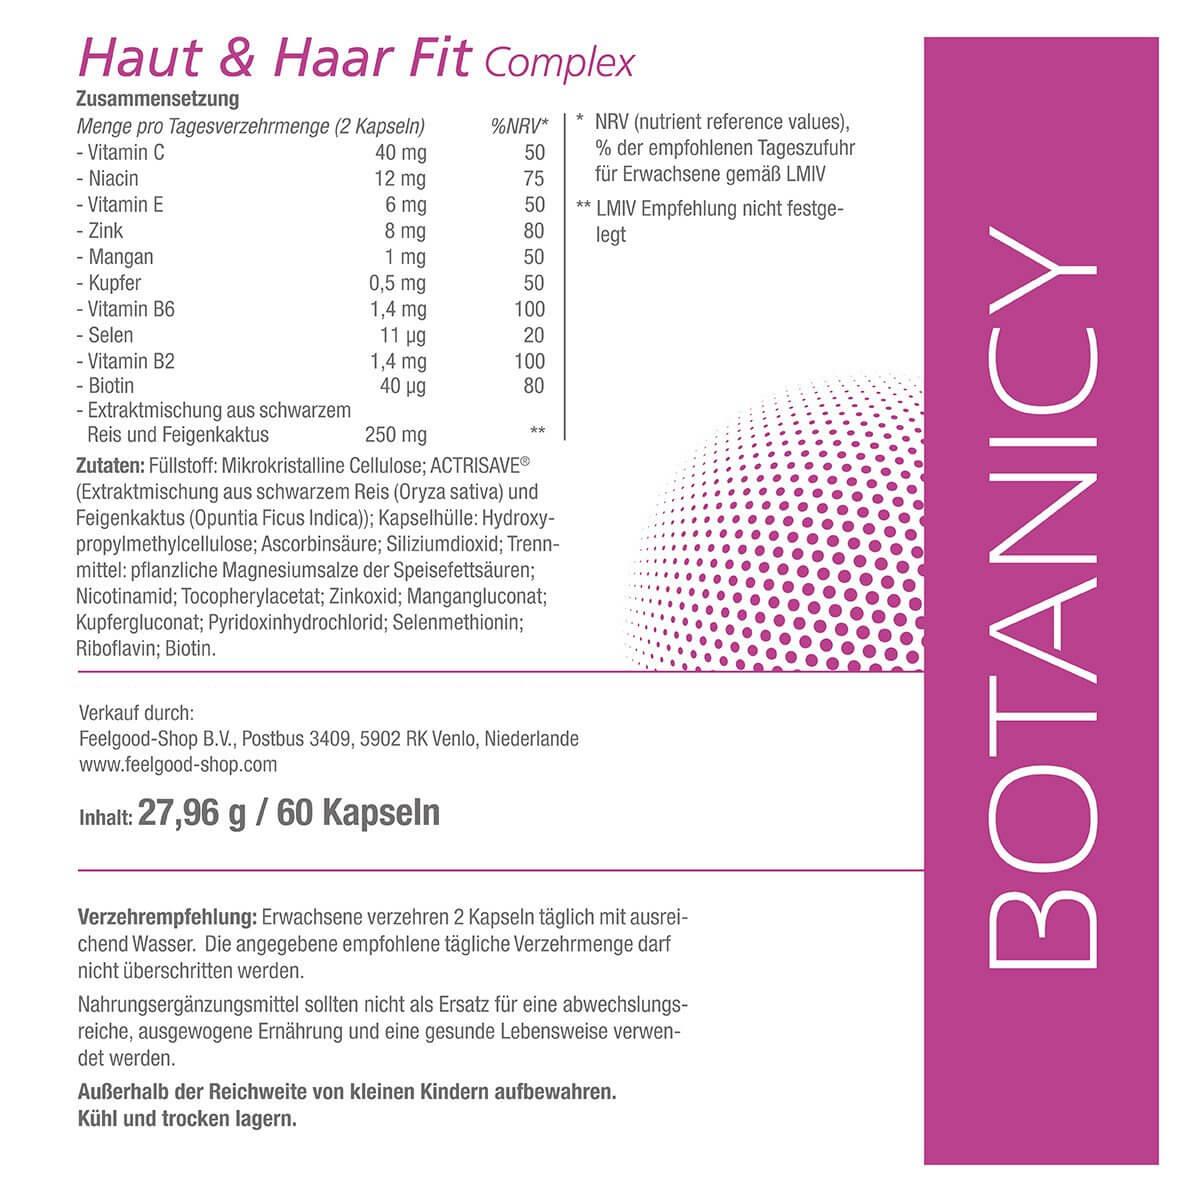 HAUT & HAAR FIT Complex mit Actrisave®